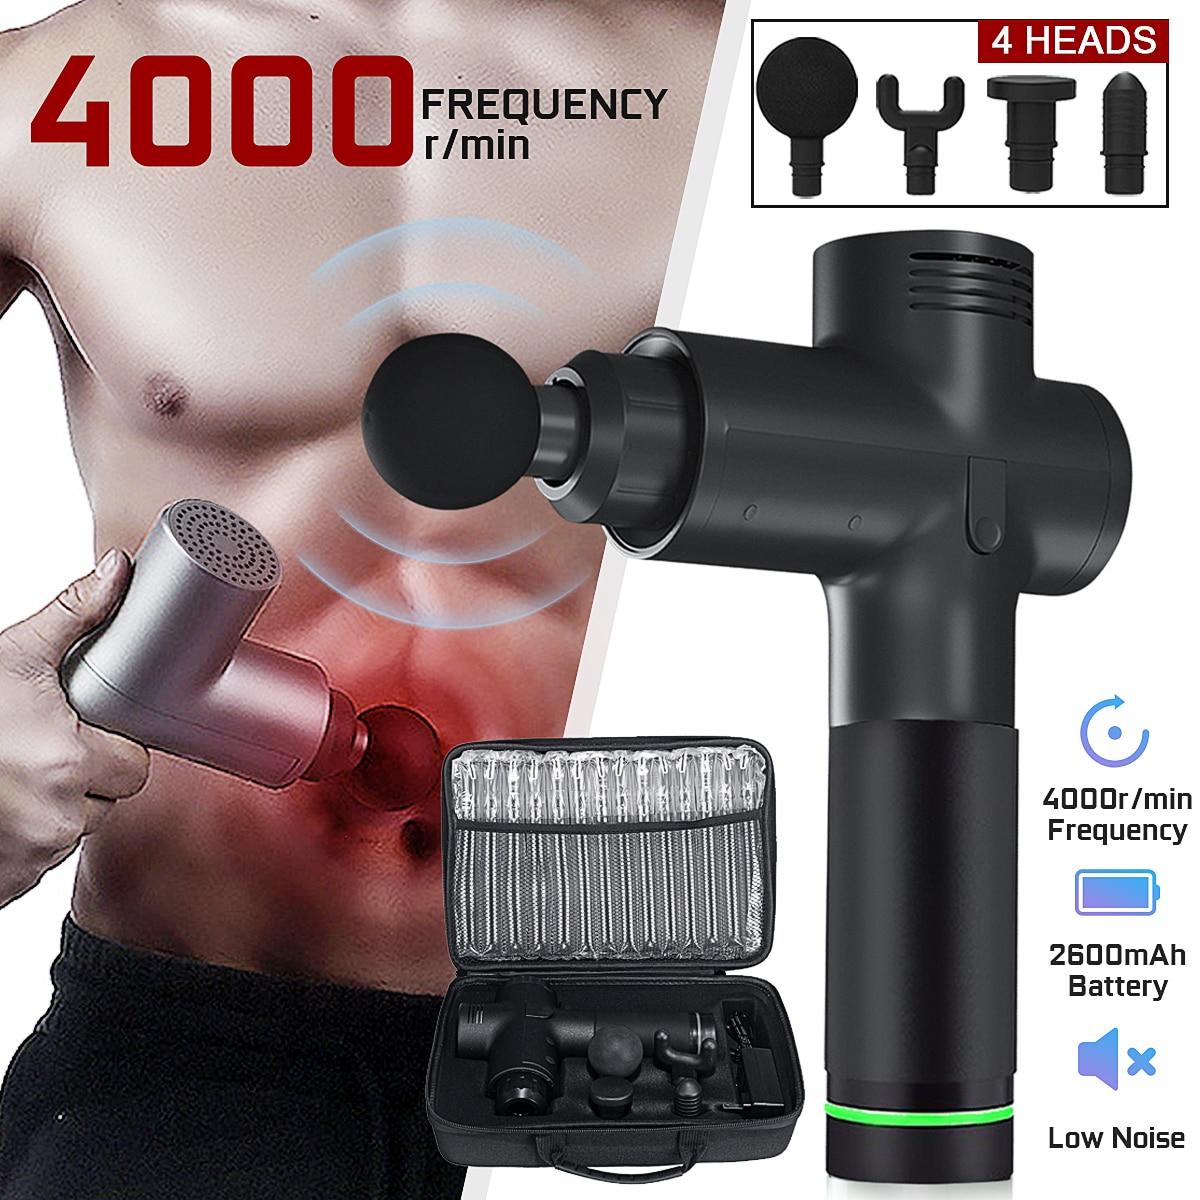 4000r/min Therapie Massage Guns 3 Gears Muscle Massager Schmerzen Sport Massage Maschine Entspannen Körper Abnehmen Relief 4 Köpfe mit Tasche